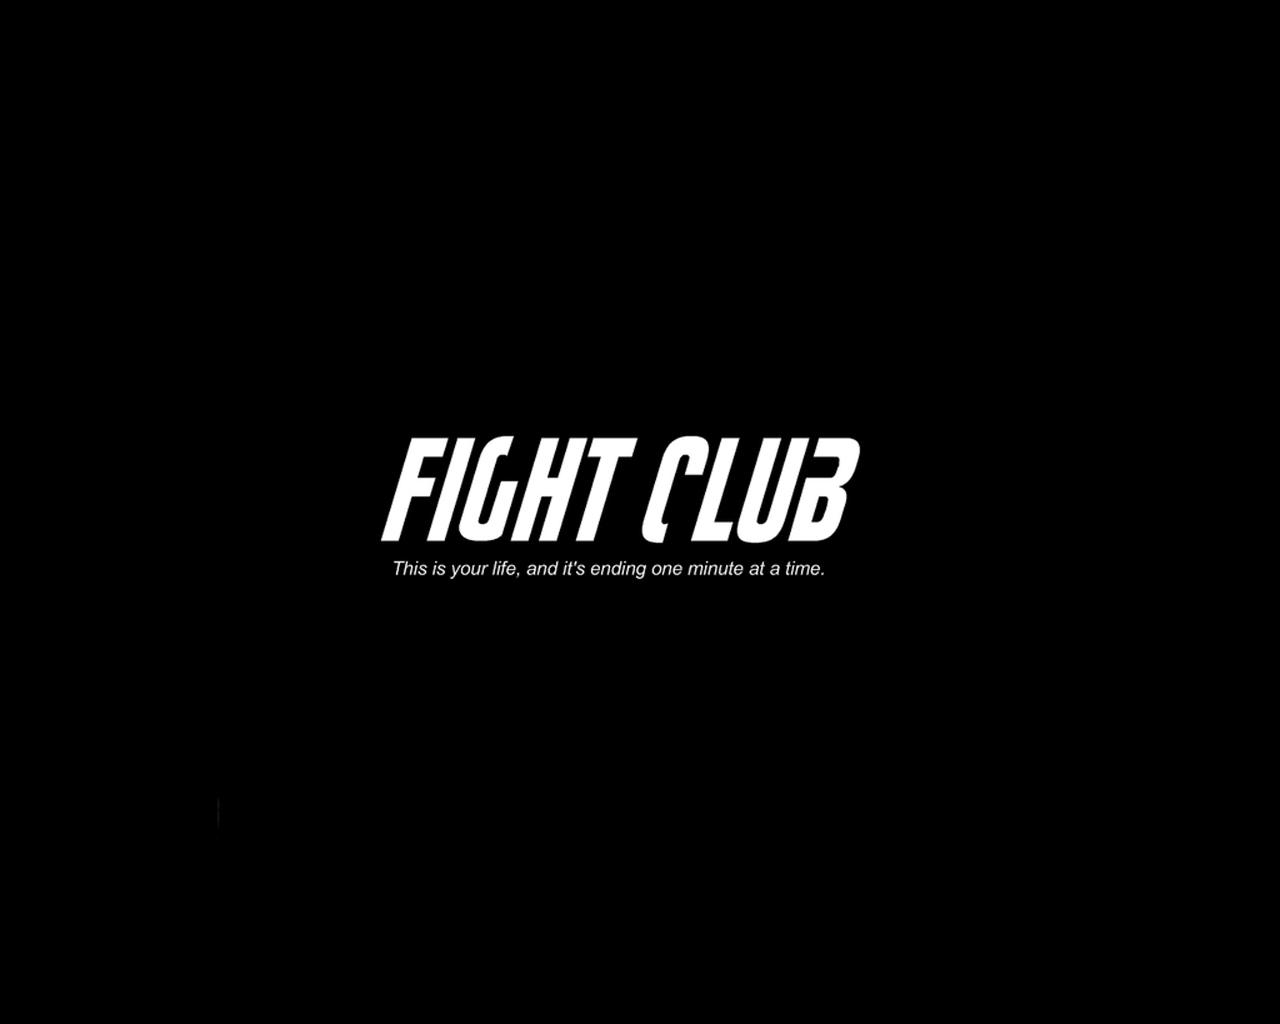 Download Movie Fight Club Wallpaper 1280x1024 Wallpoper 1280x1024